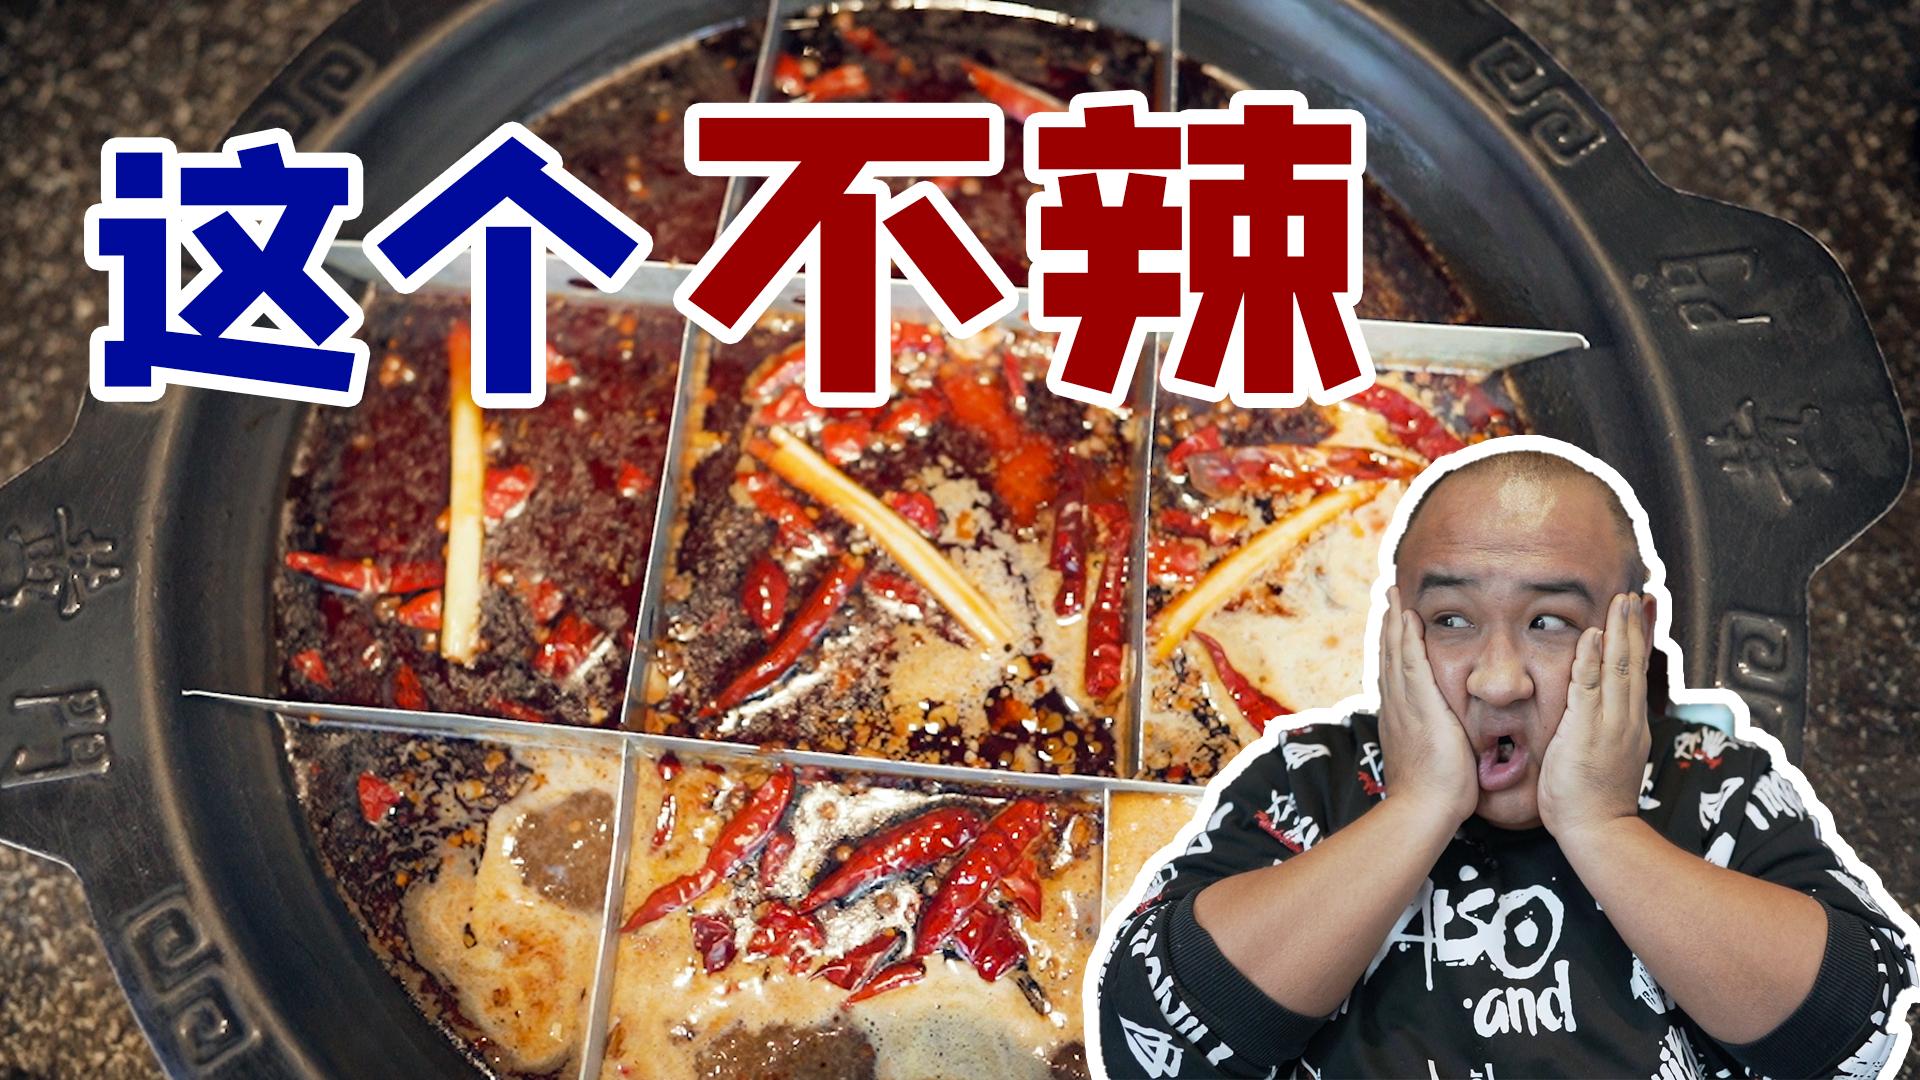 【吃货请闭眼】上过《舌尖》的火锅店,北京最正宗重庆味道?红油明亮麻辣鲜香!